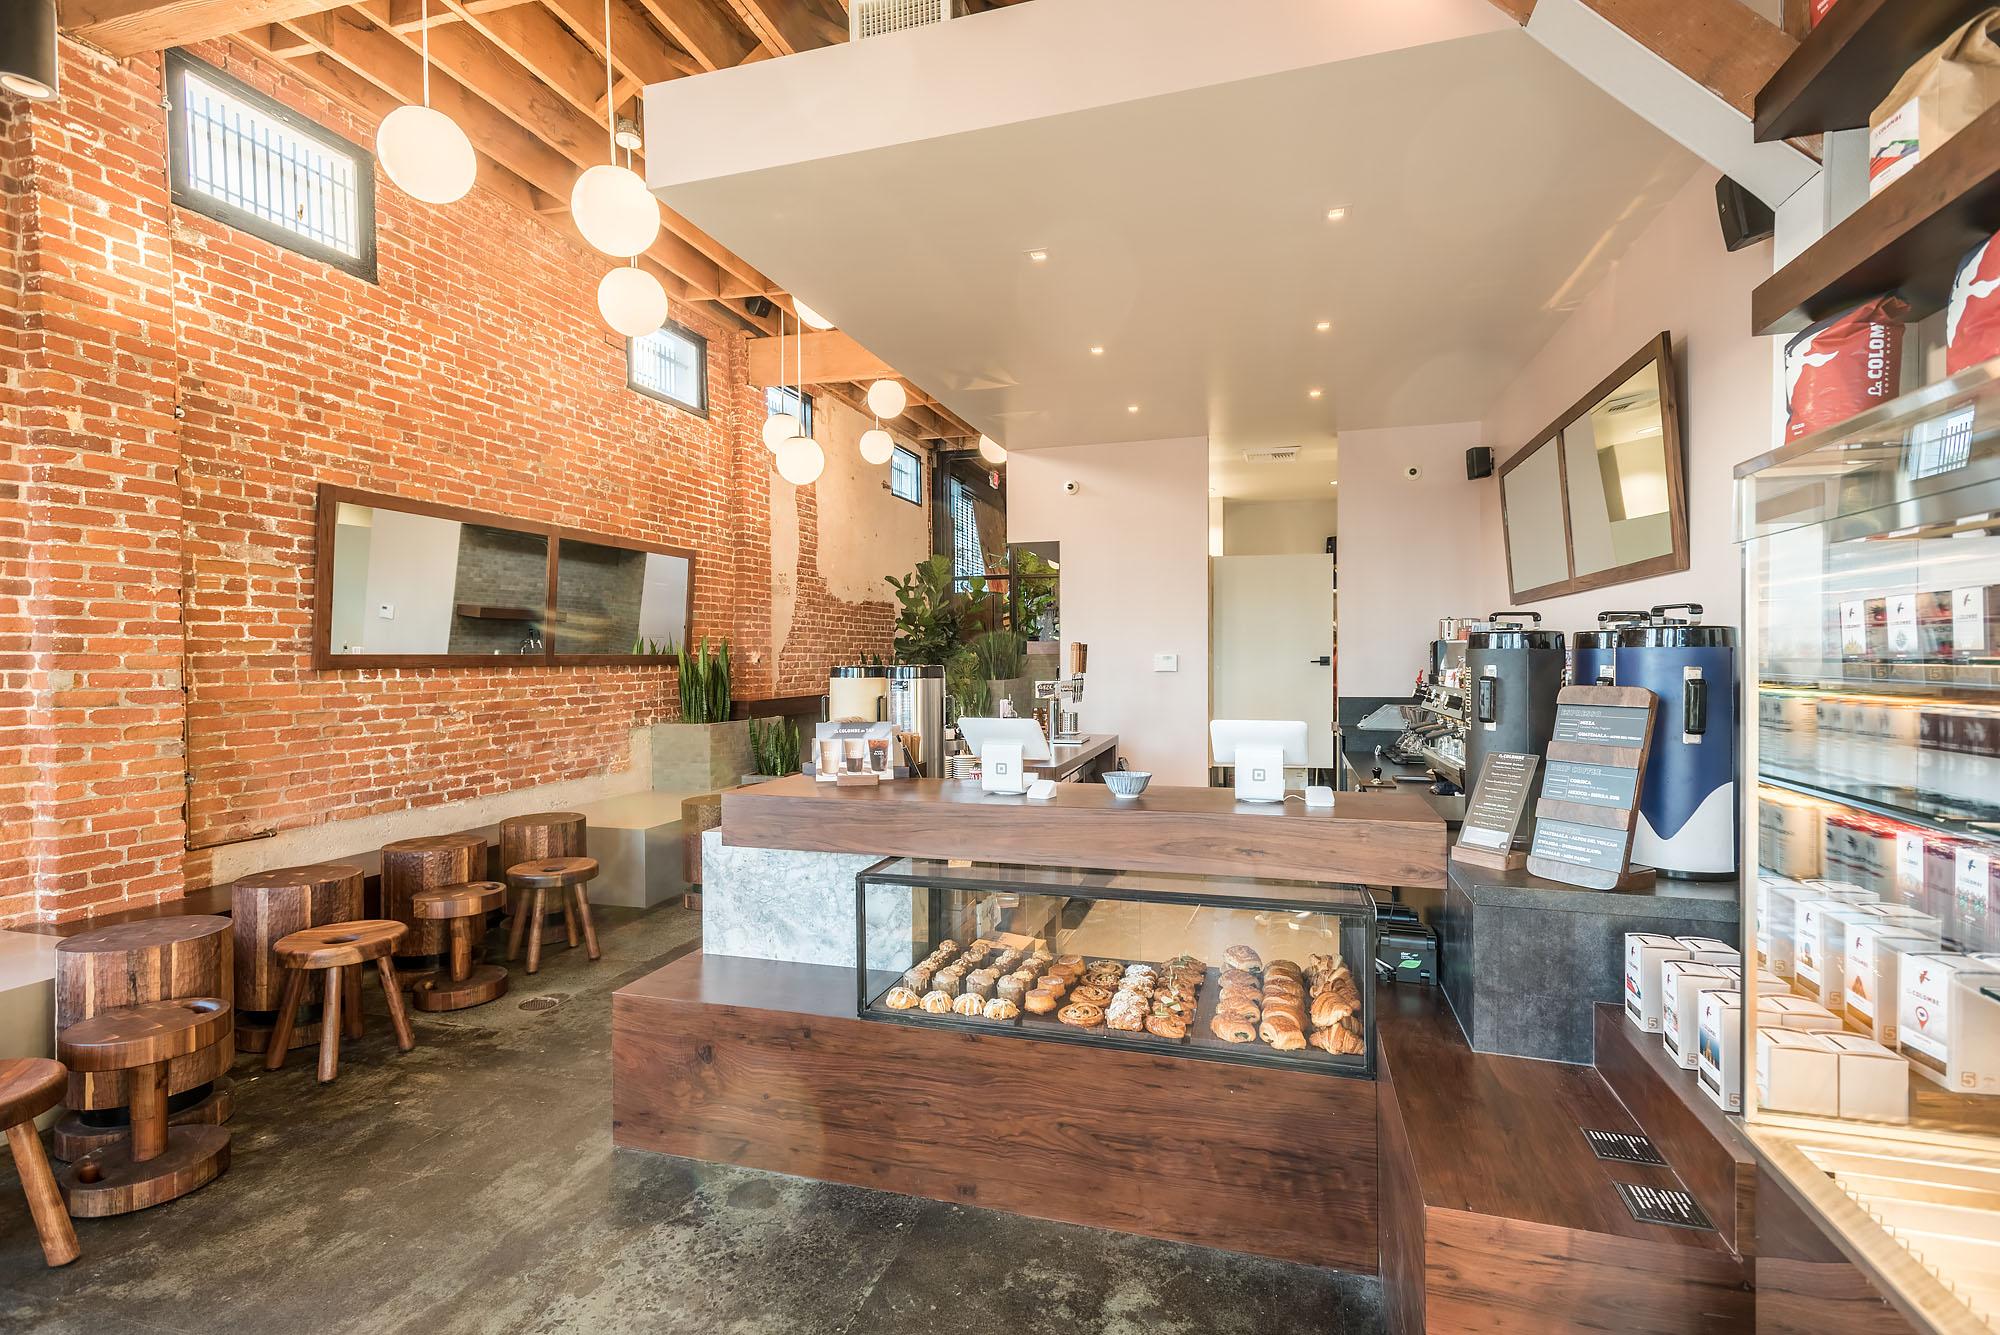 Breakfast Restaurants In Silverlake Ca